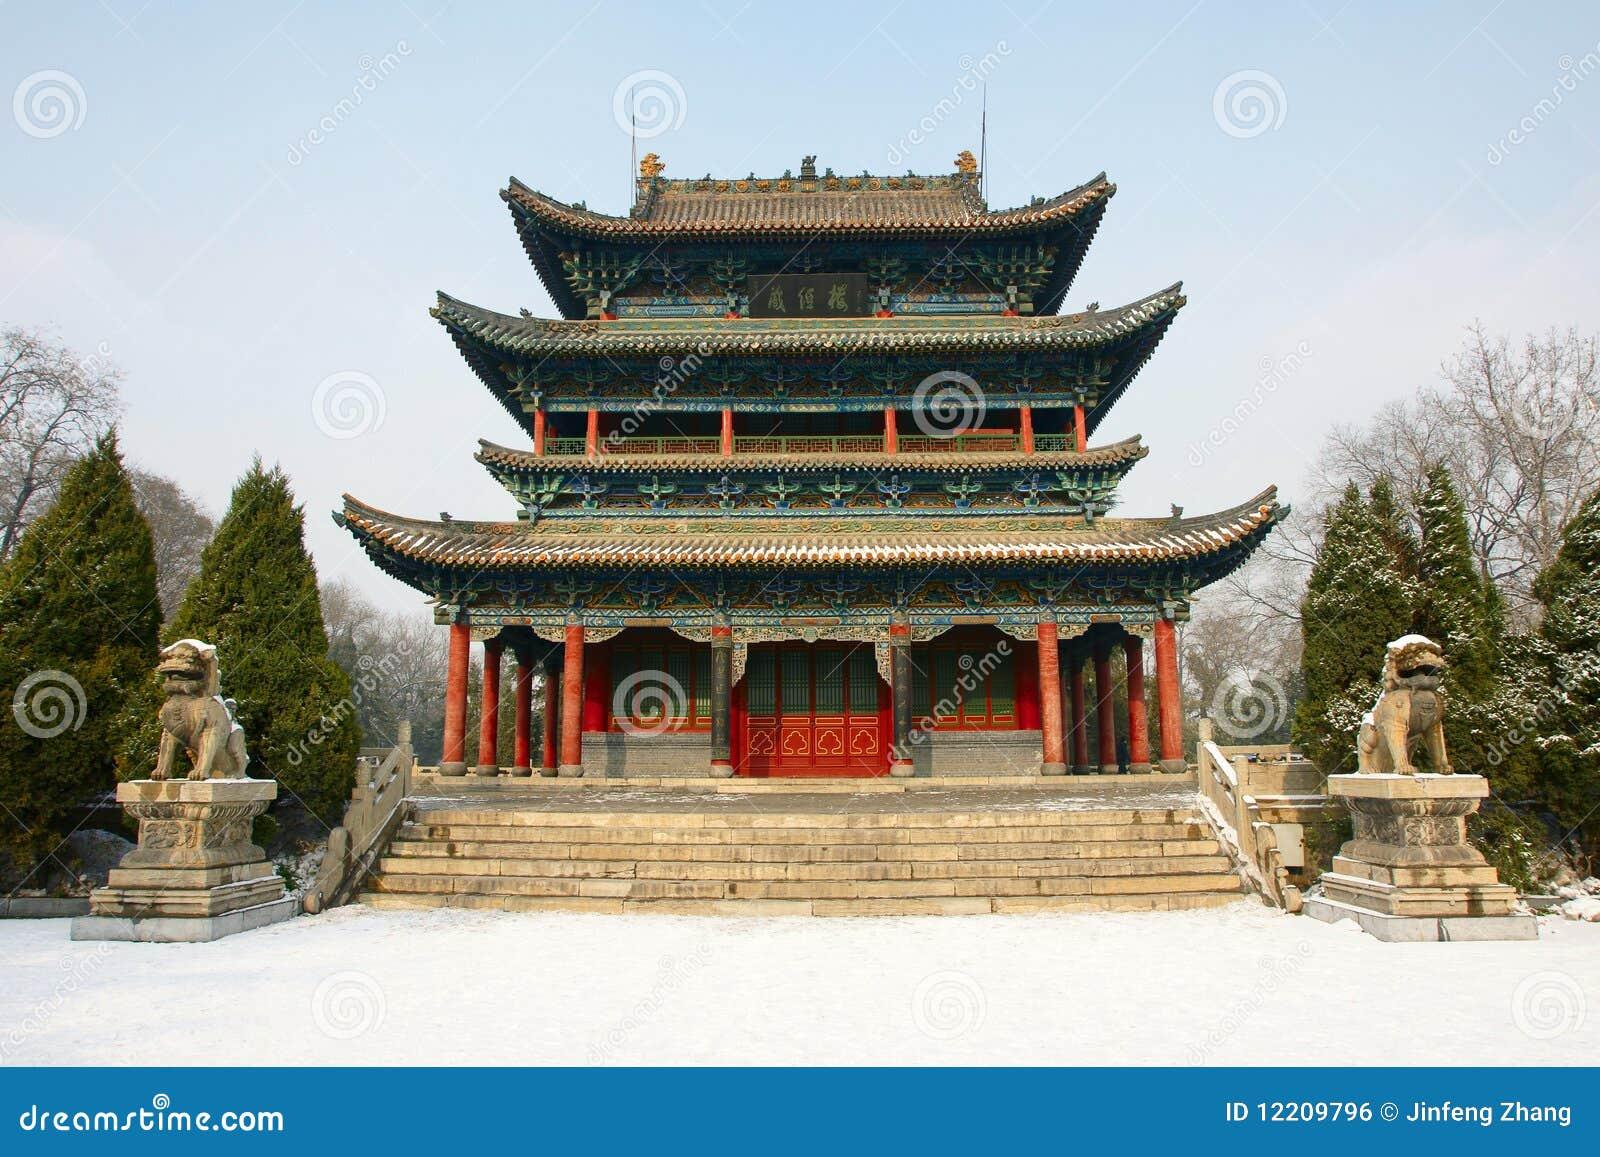 Park ancient building